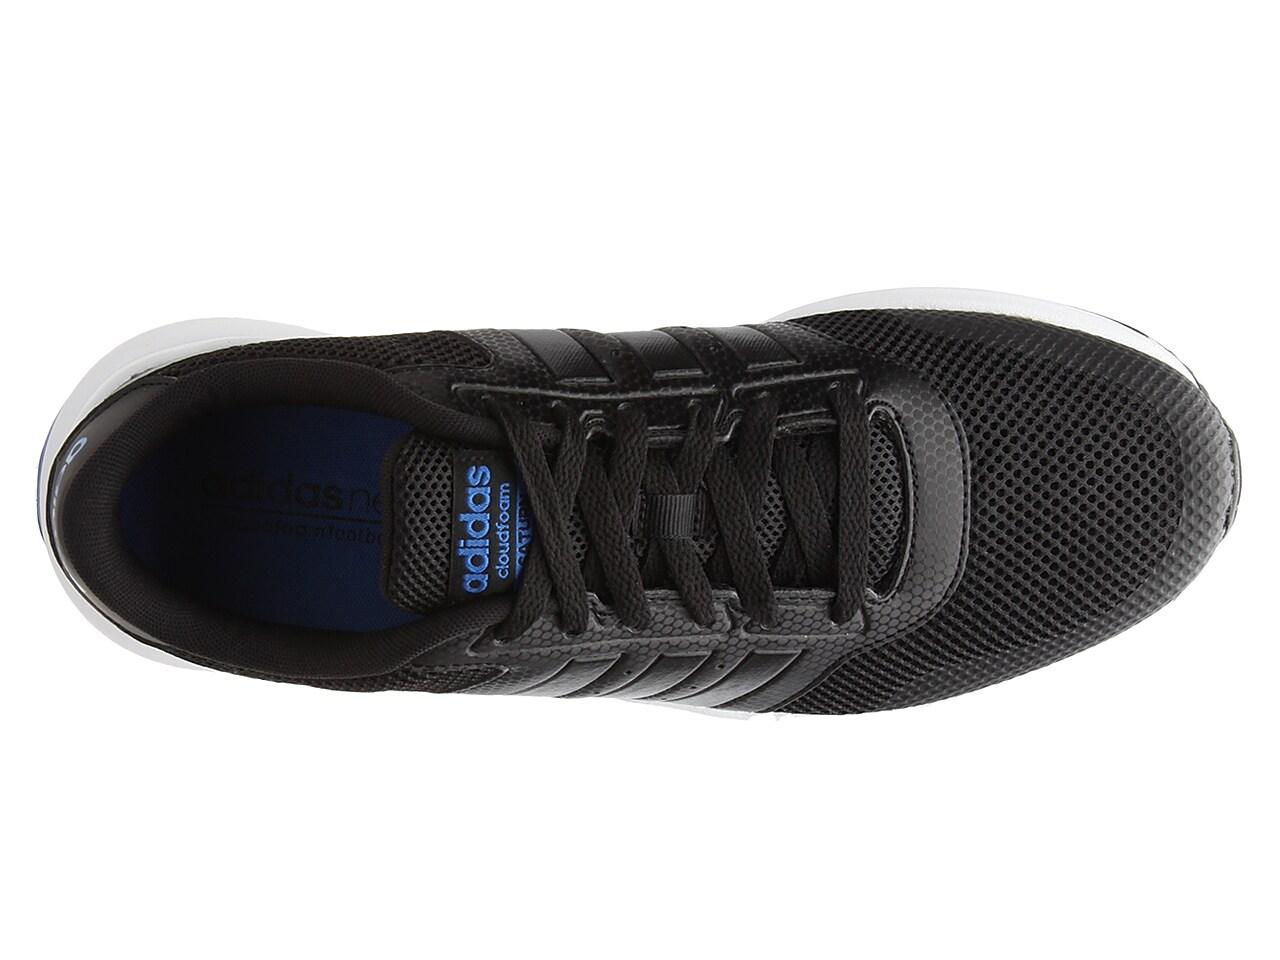 NEO Cloudfoam Saturn Sneaker - Men's